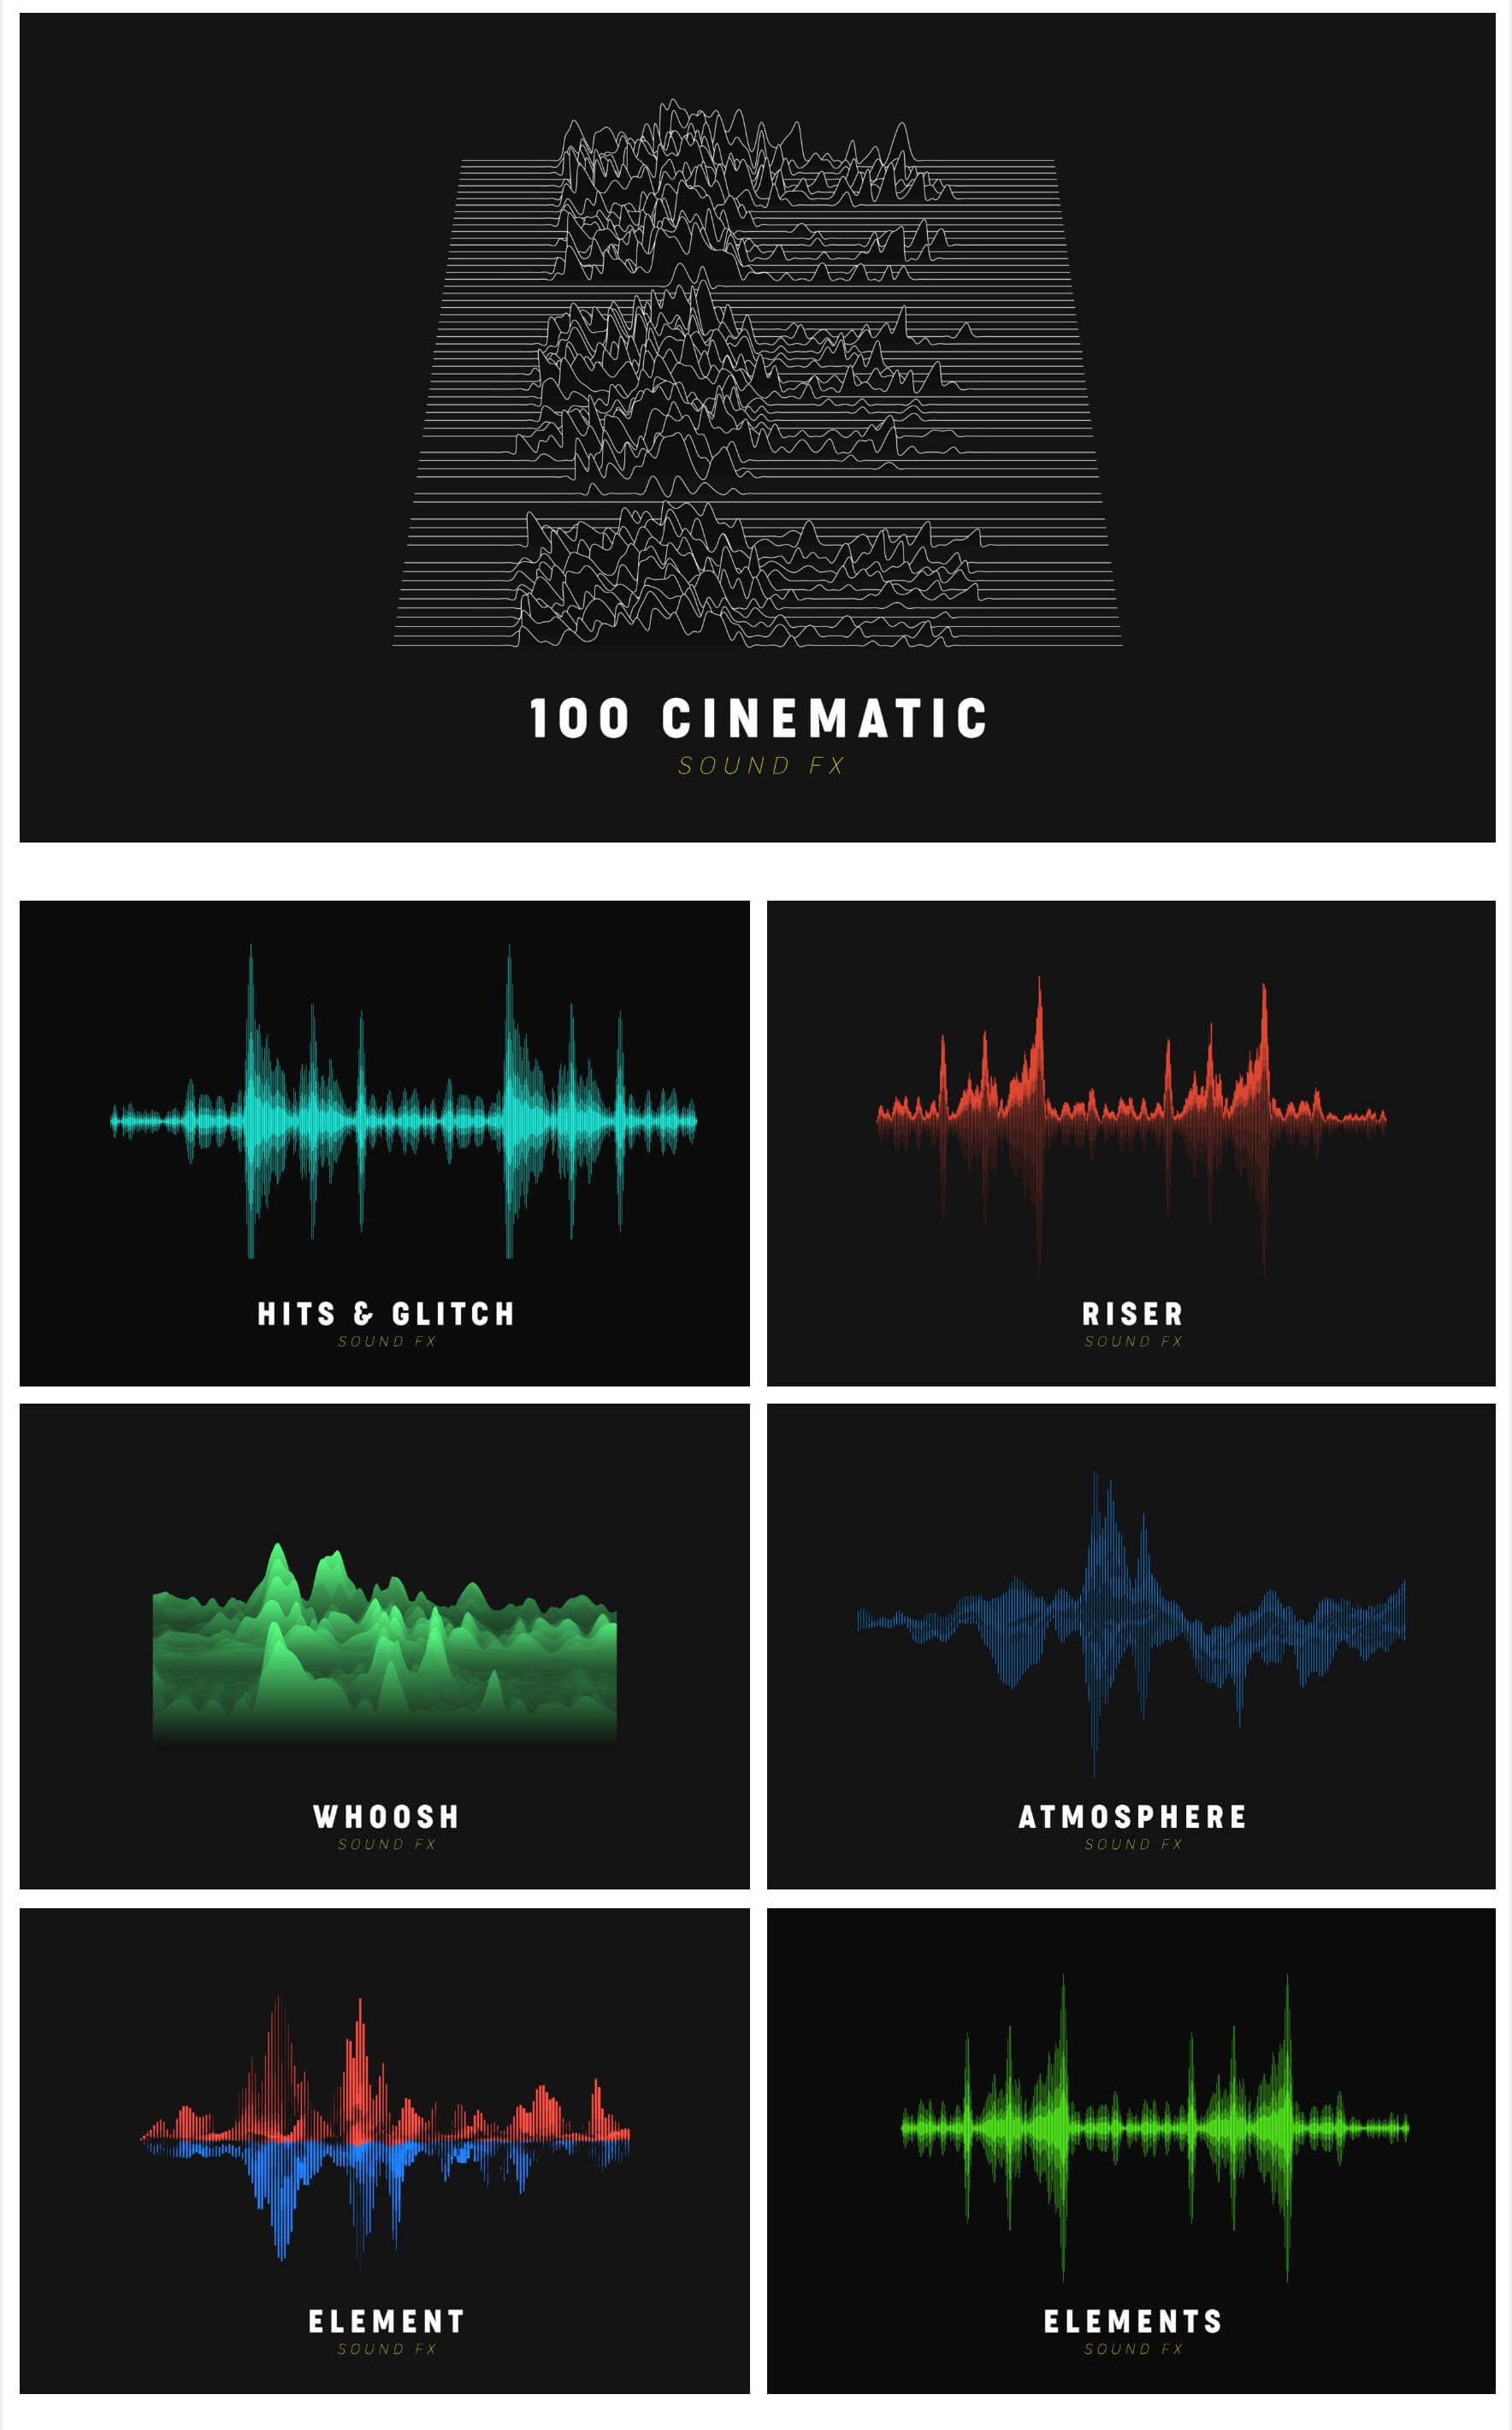 音频素材 127组大气环境气氛渲染电影转场无损音效 Cinematic sound FX